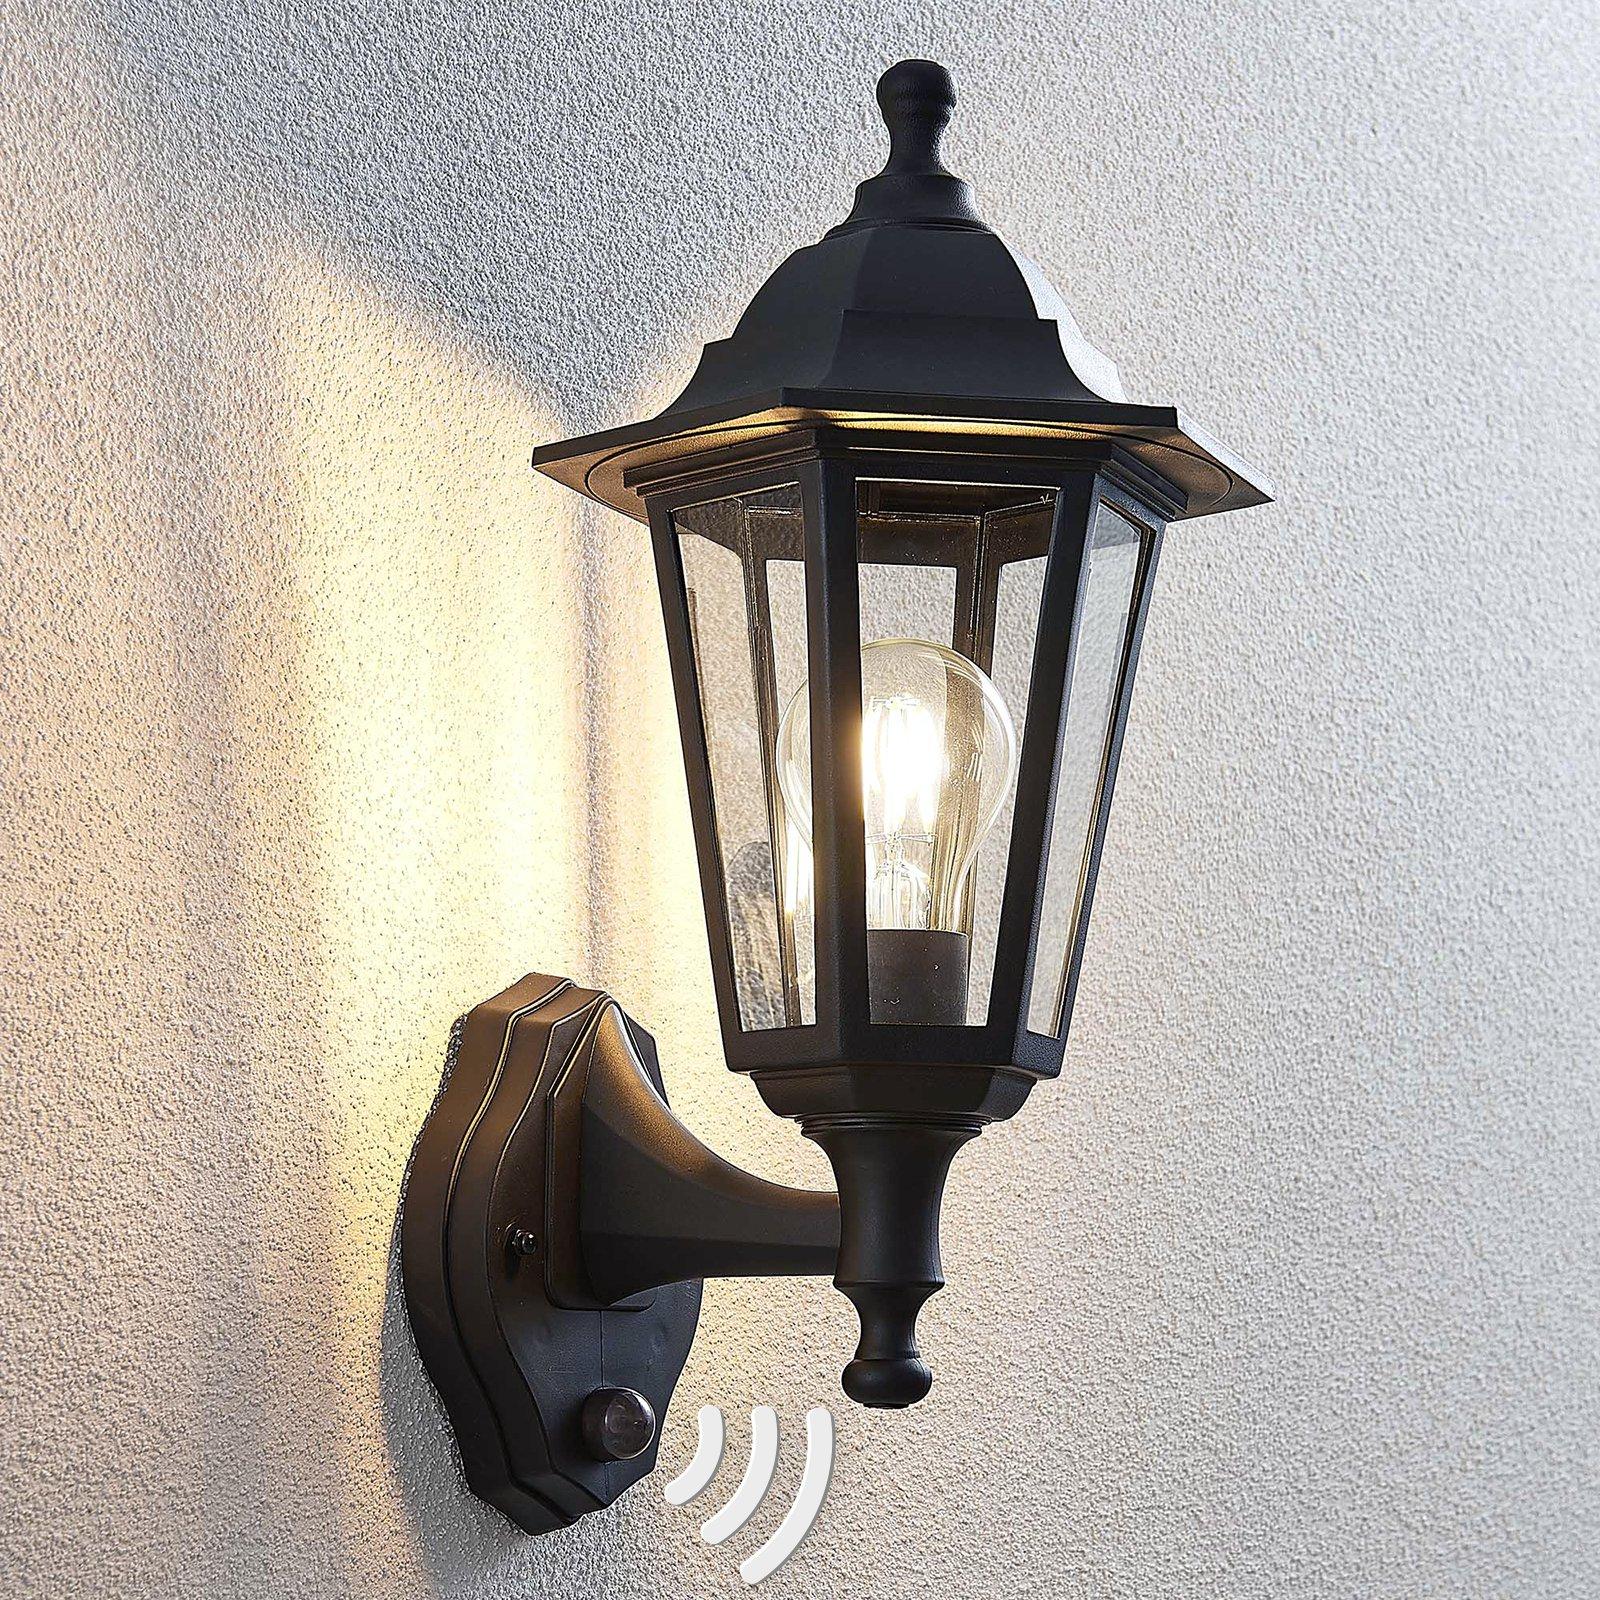 Utevegglampe Nane lyktlignende form med sensor